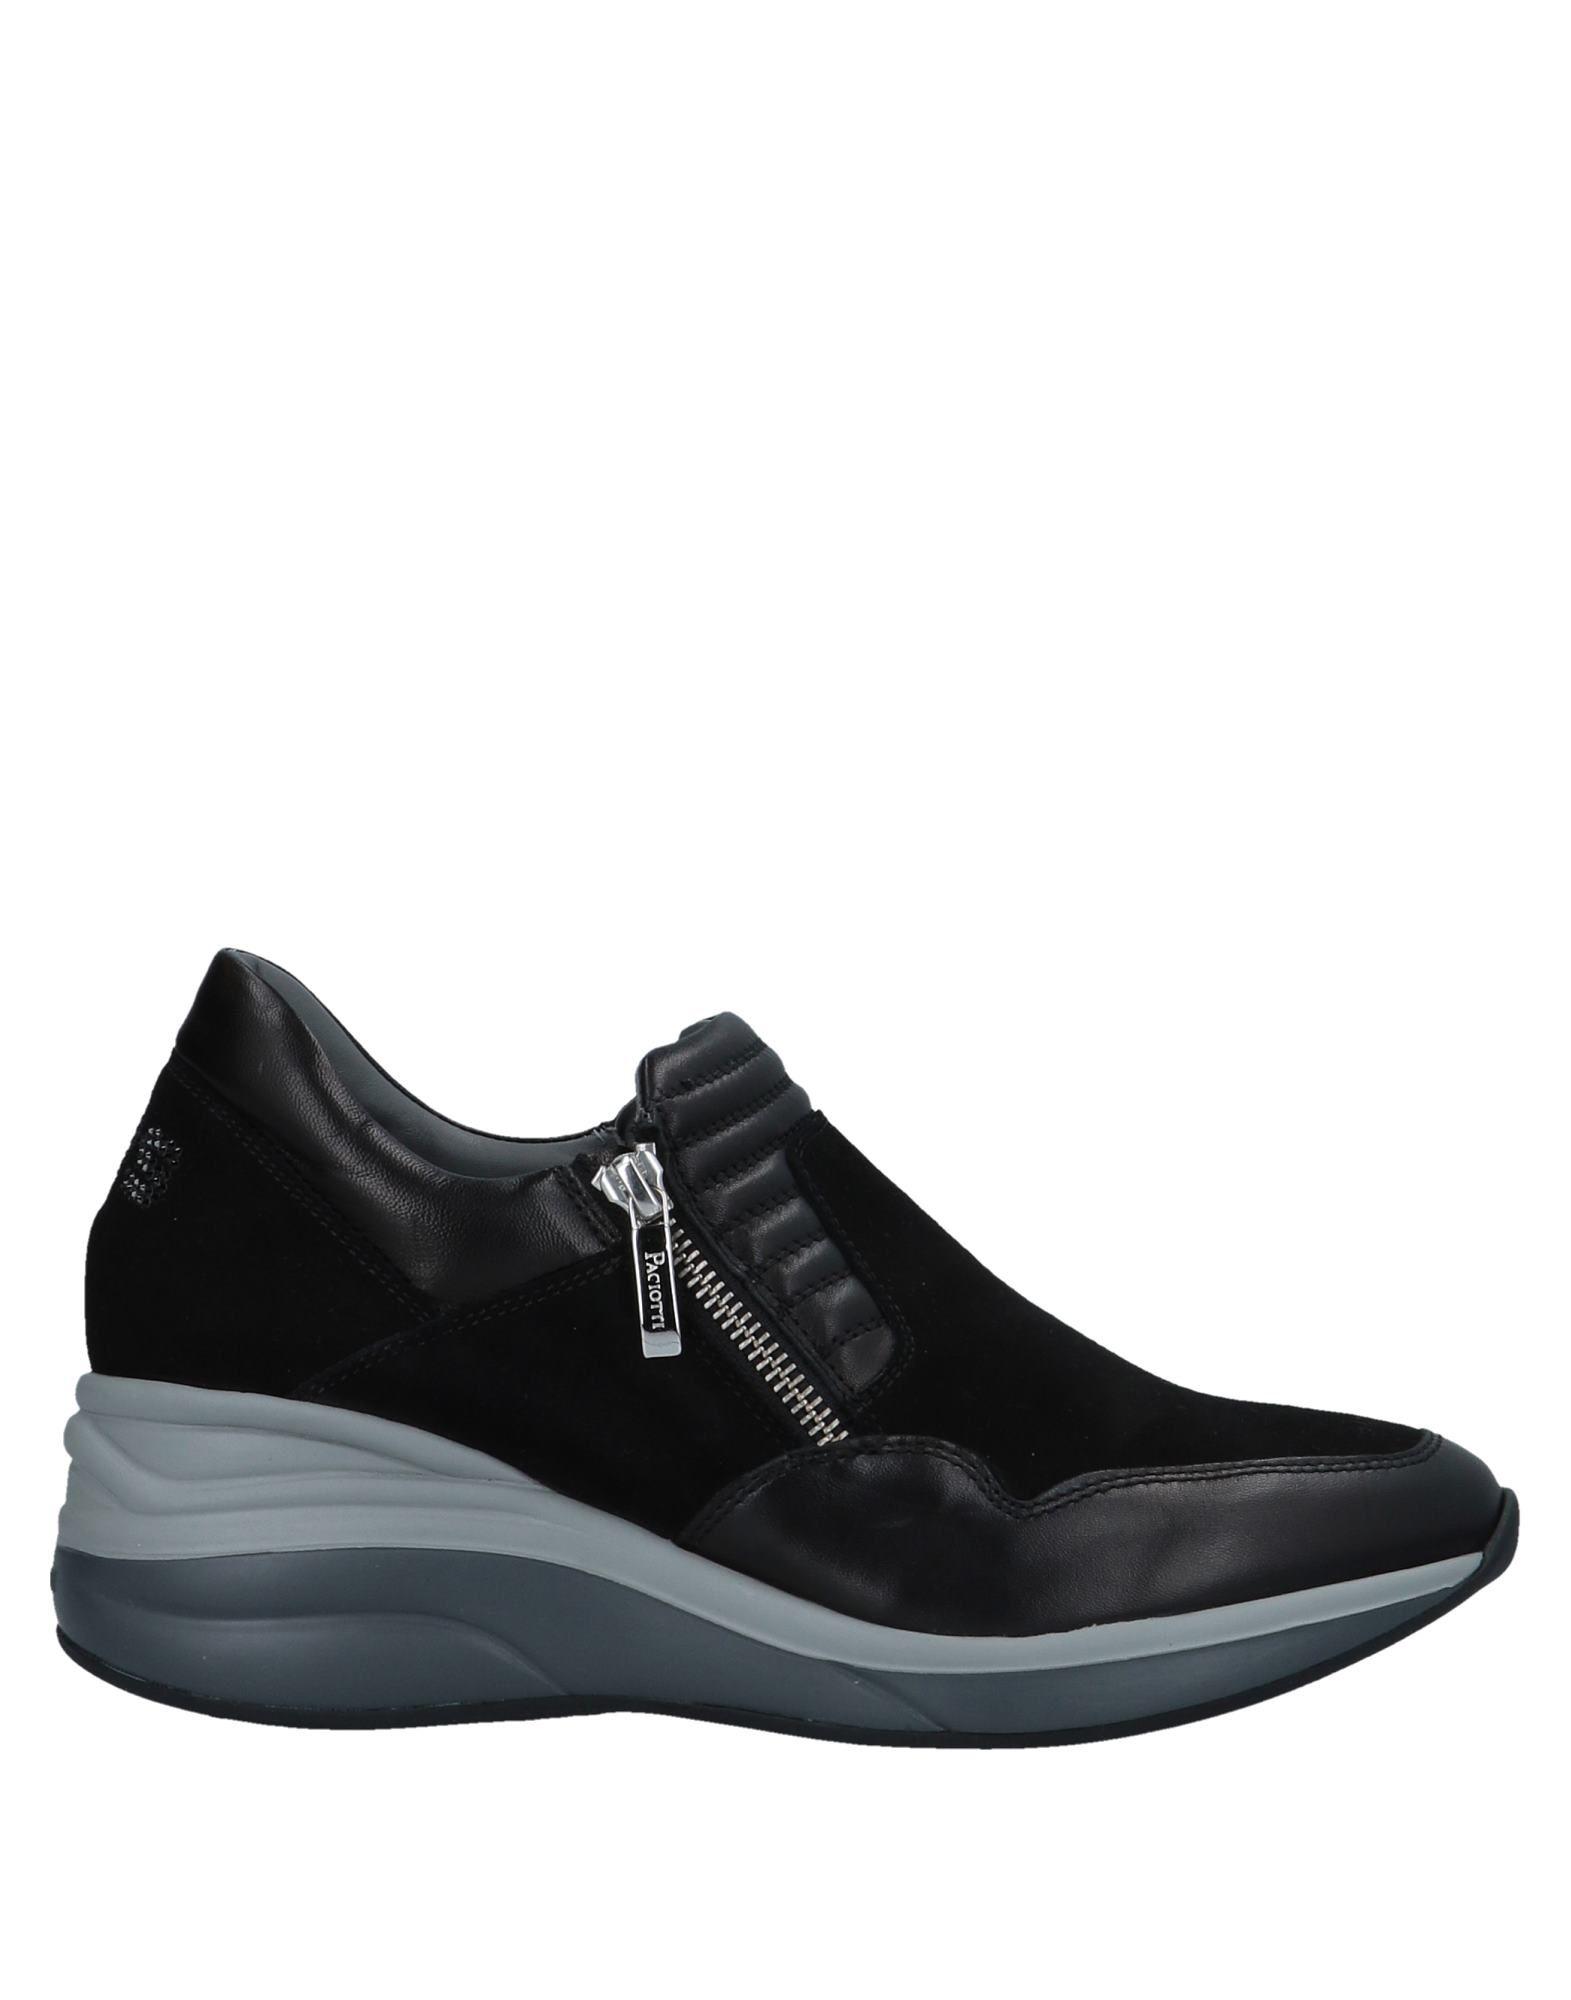 Sneakers Cesare Paciotti 4Us Donna - 11437205XV